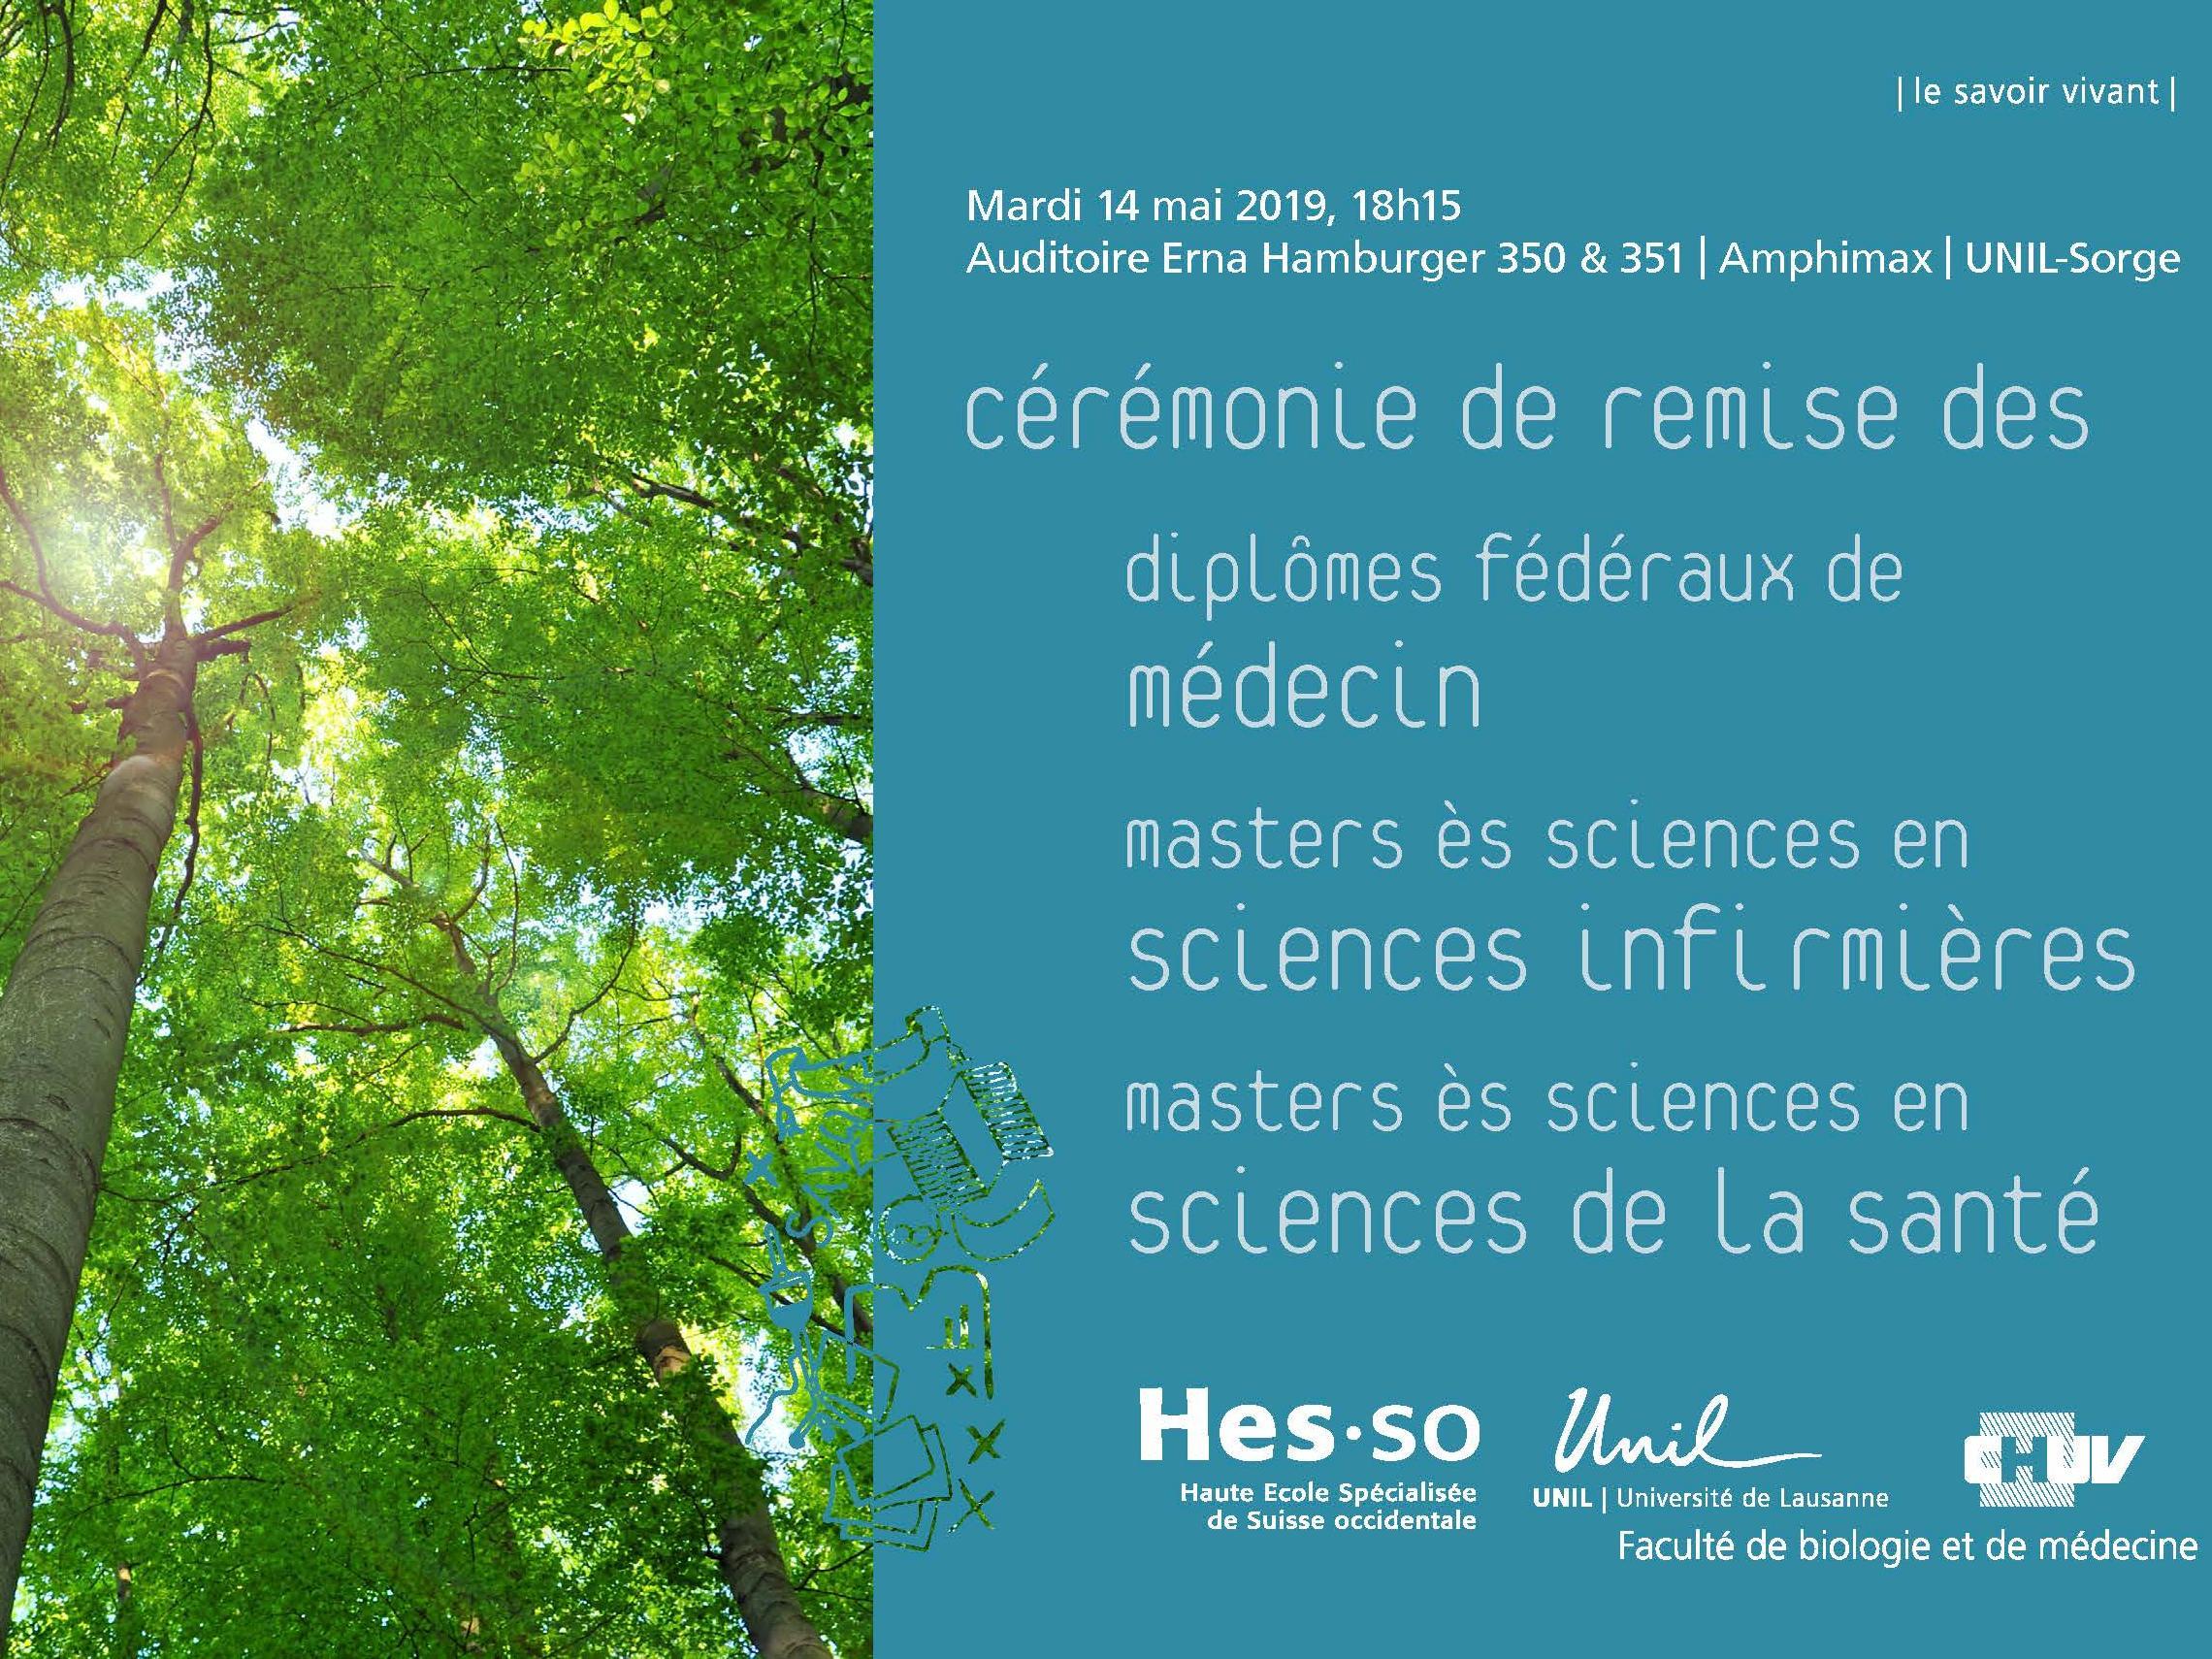 Diplômes fédéraux de médecin, Masters ès sciences en sciences infirmières et Masters ès sciences en sciences de la santé